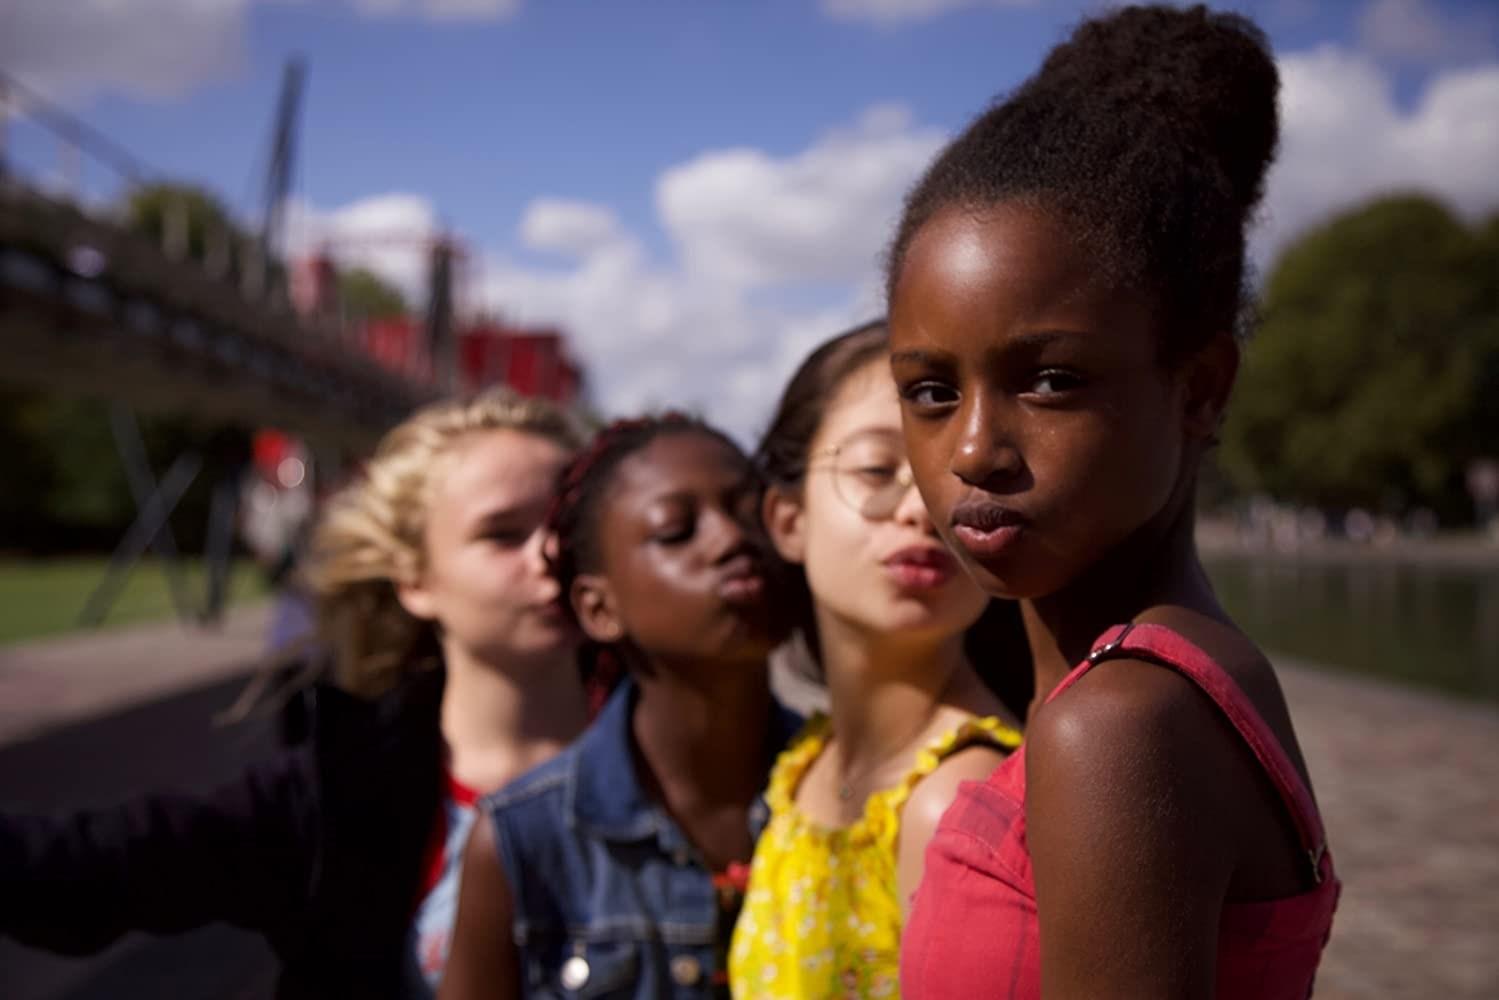 الفتيات الأربع في فيلم cuties